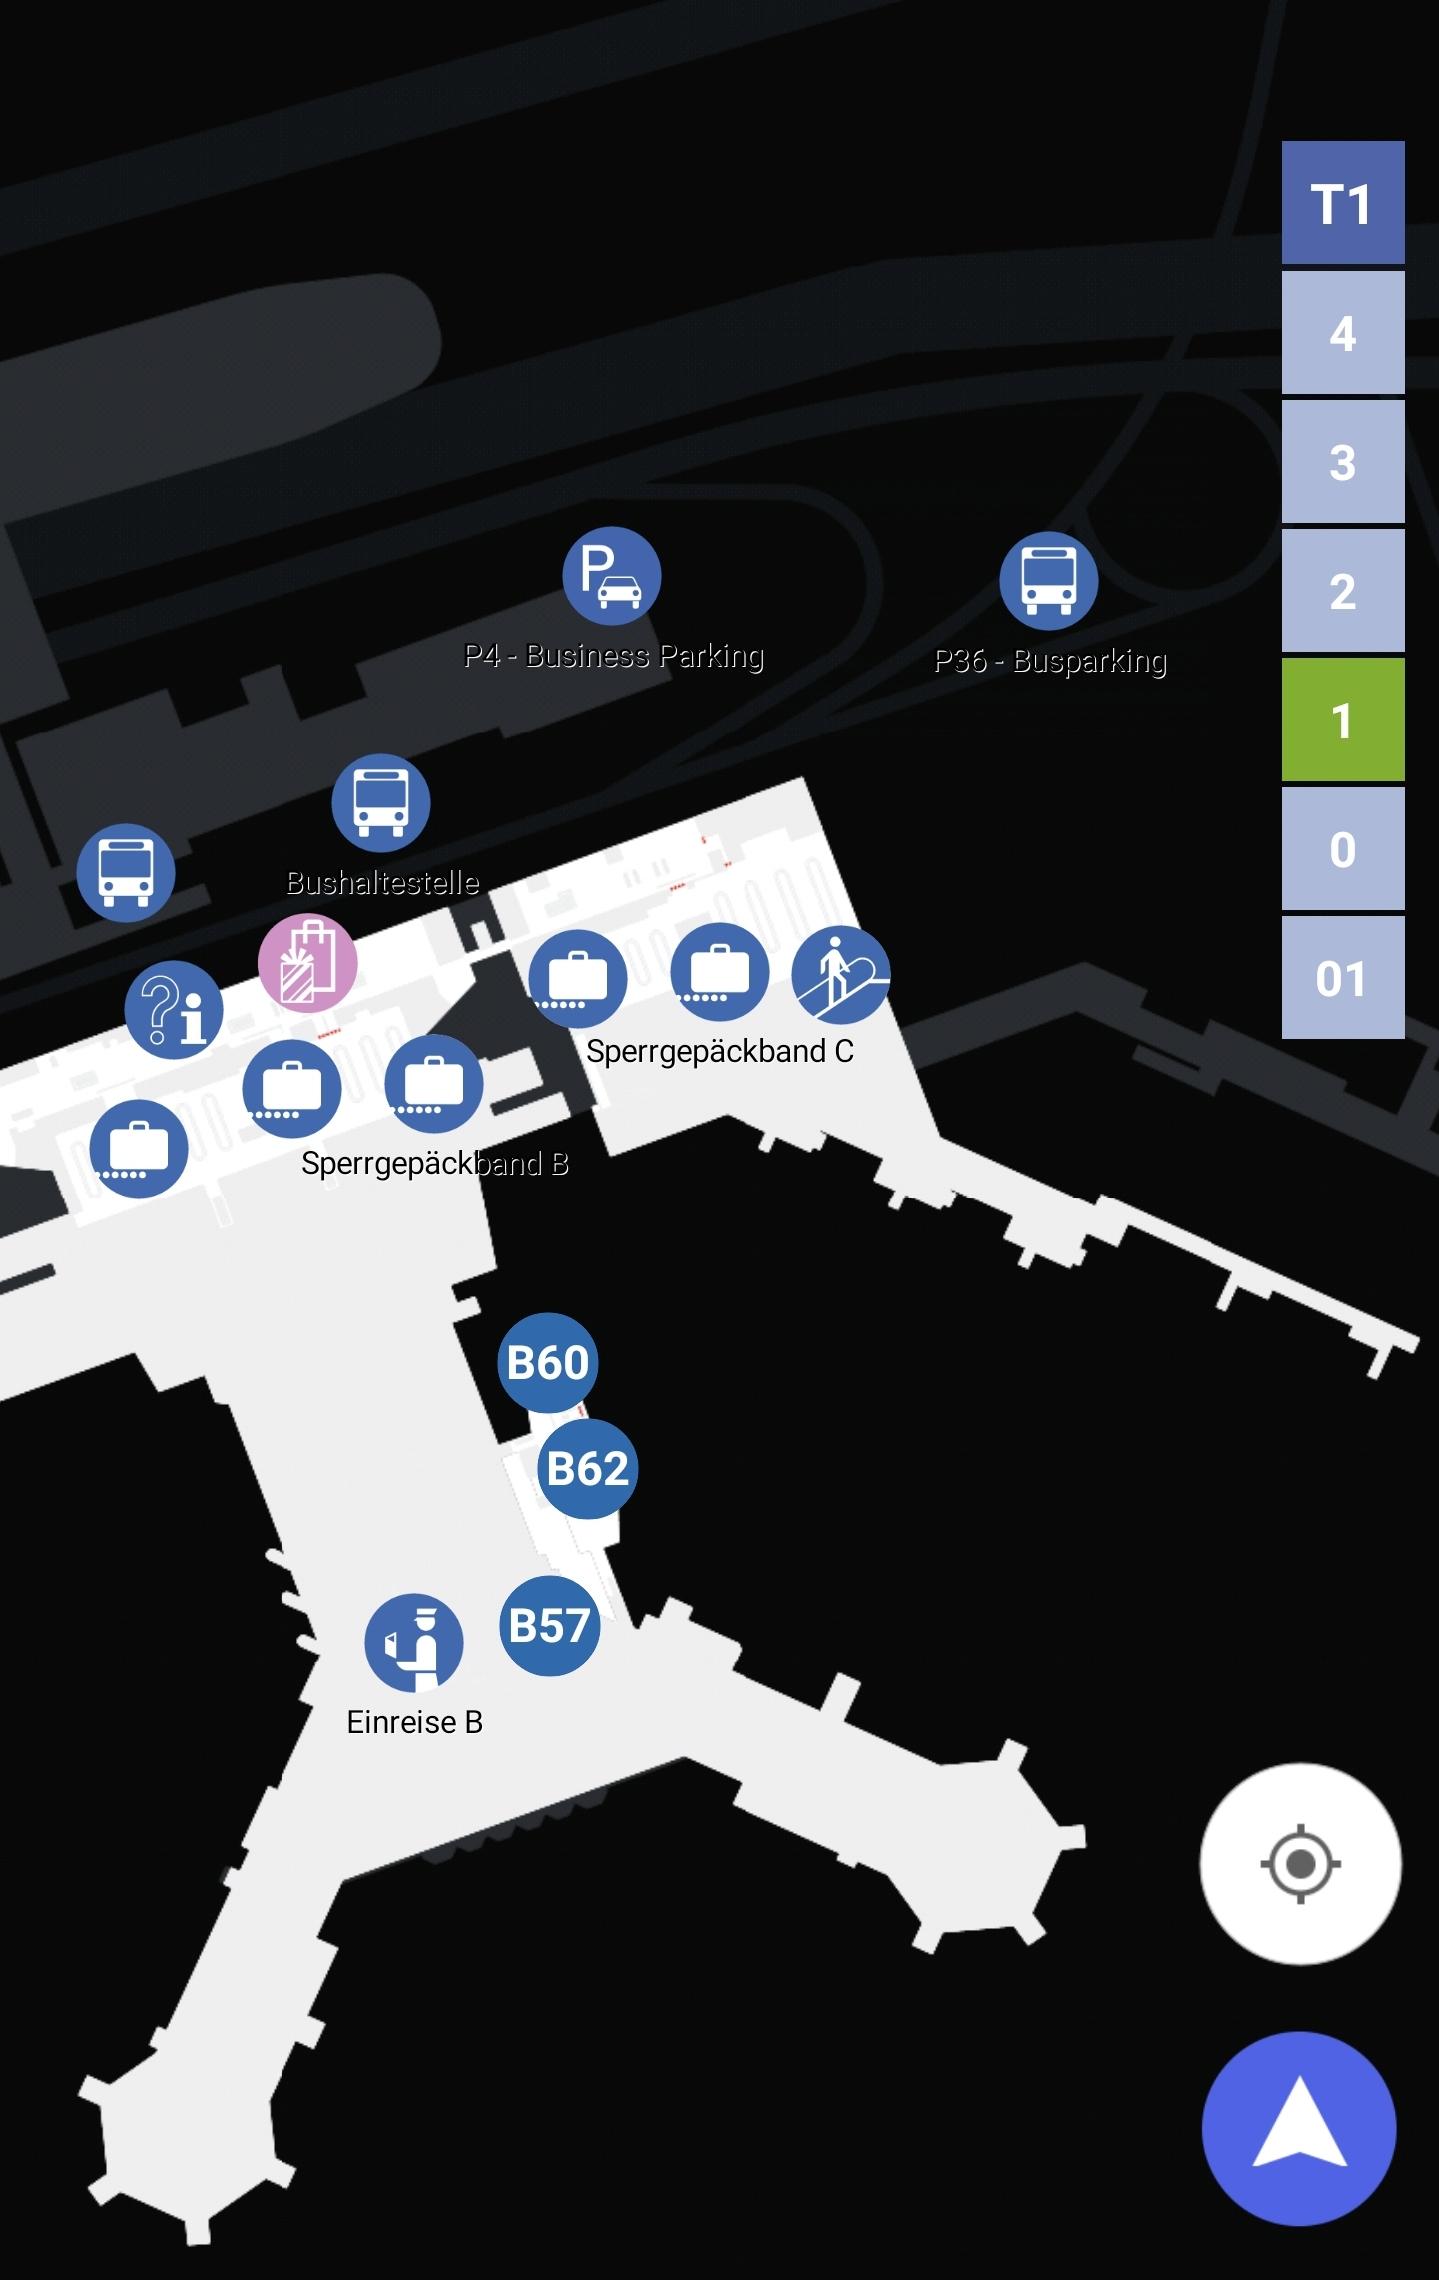 Karten Maps Terminal 1 mit Ebene 1 und Gates B am Flughafen Frankfurt Airport FRA